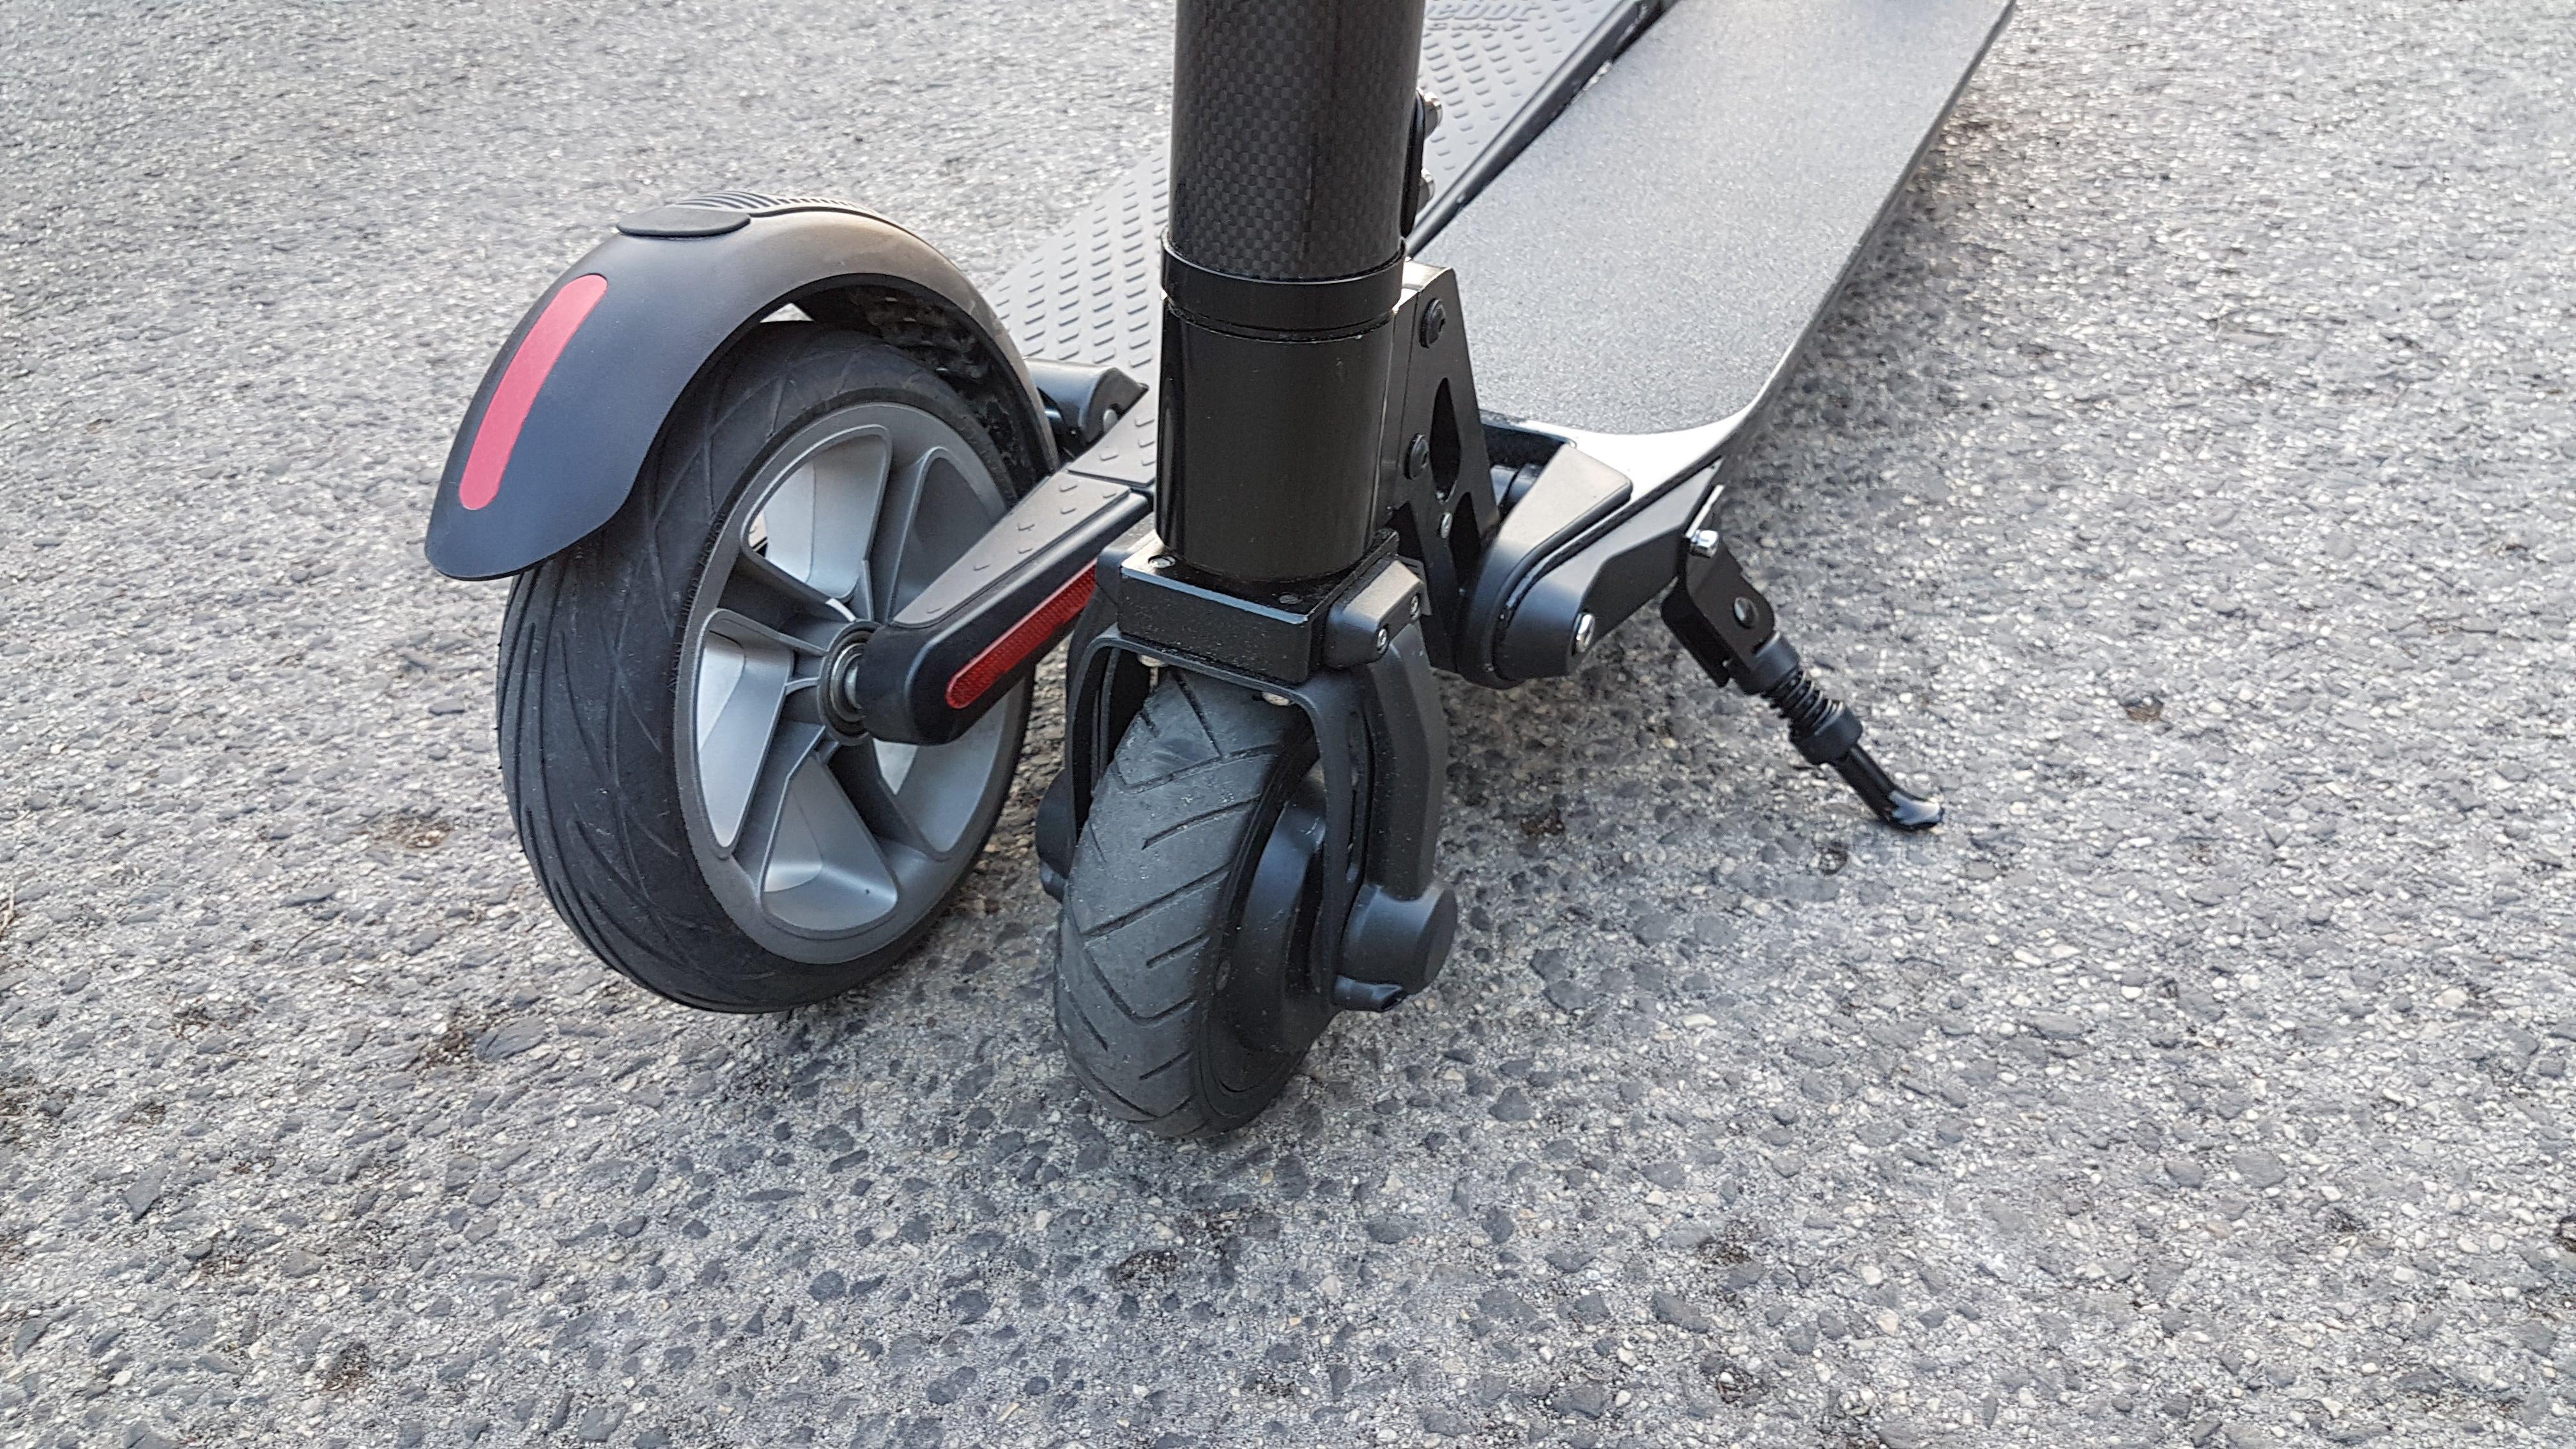 carbon-fiber-a-hordozhato-elektromos-roller-teszt-osszecsukhato-6600mAh-akkumulator-akksi-5.5-colos-kerek-30